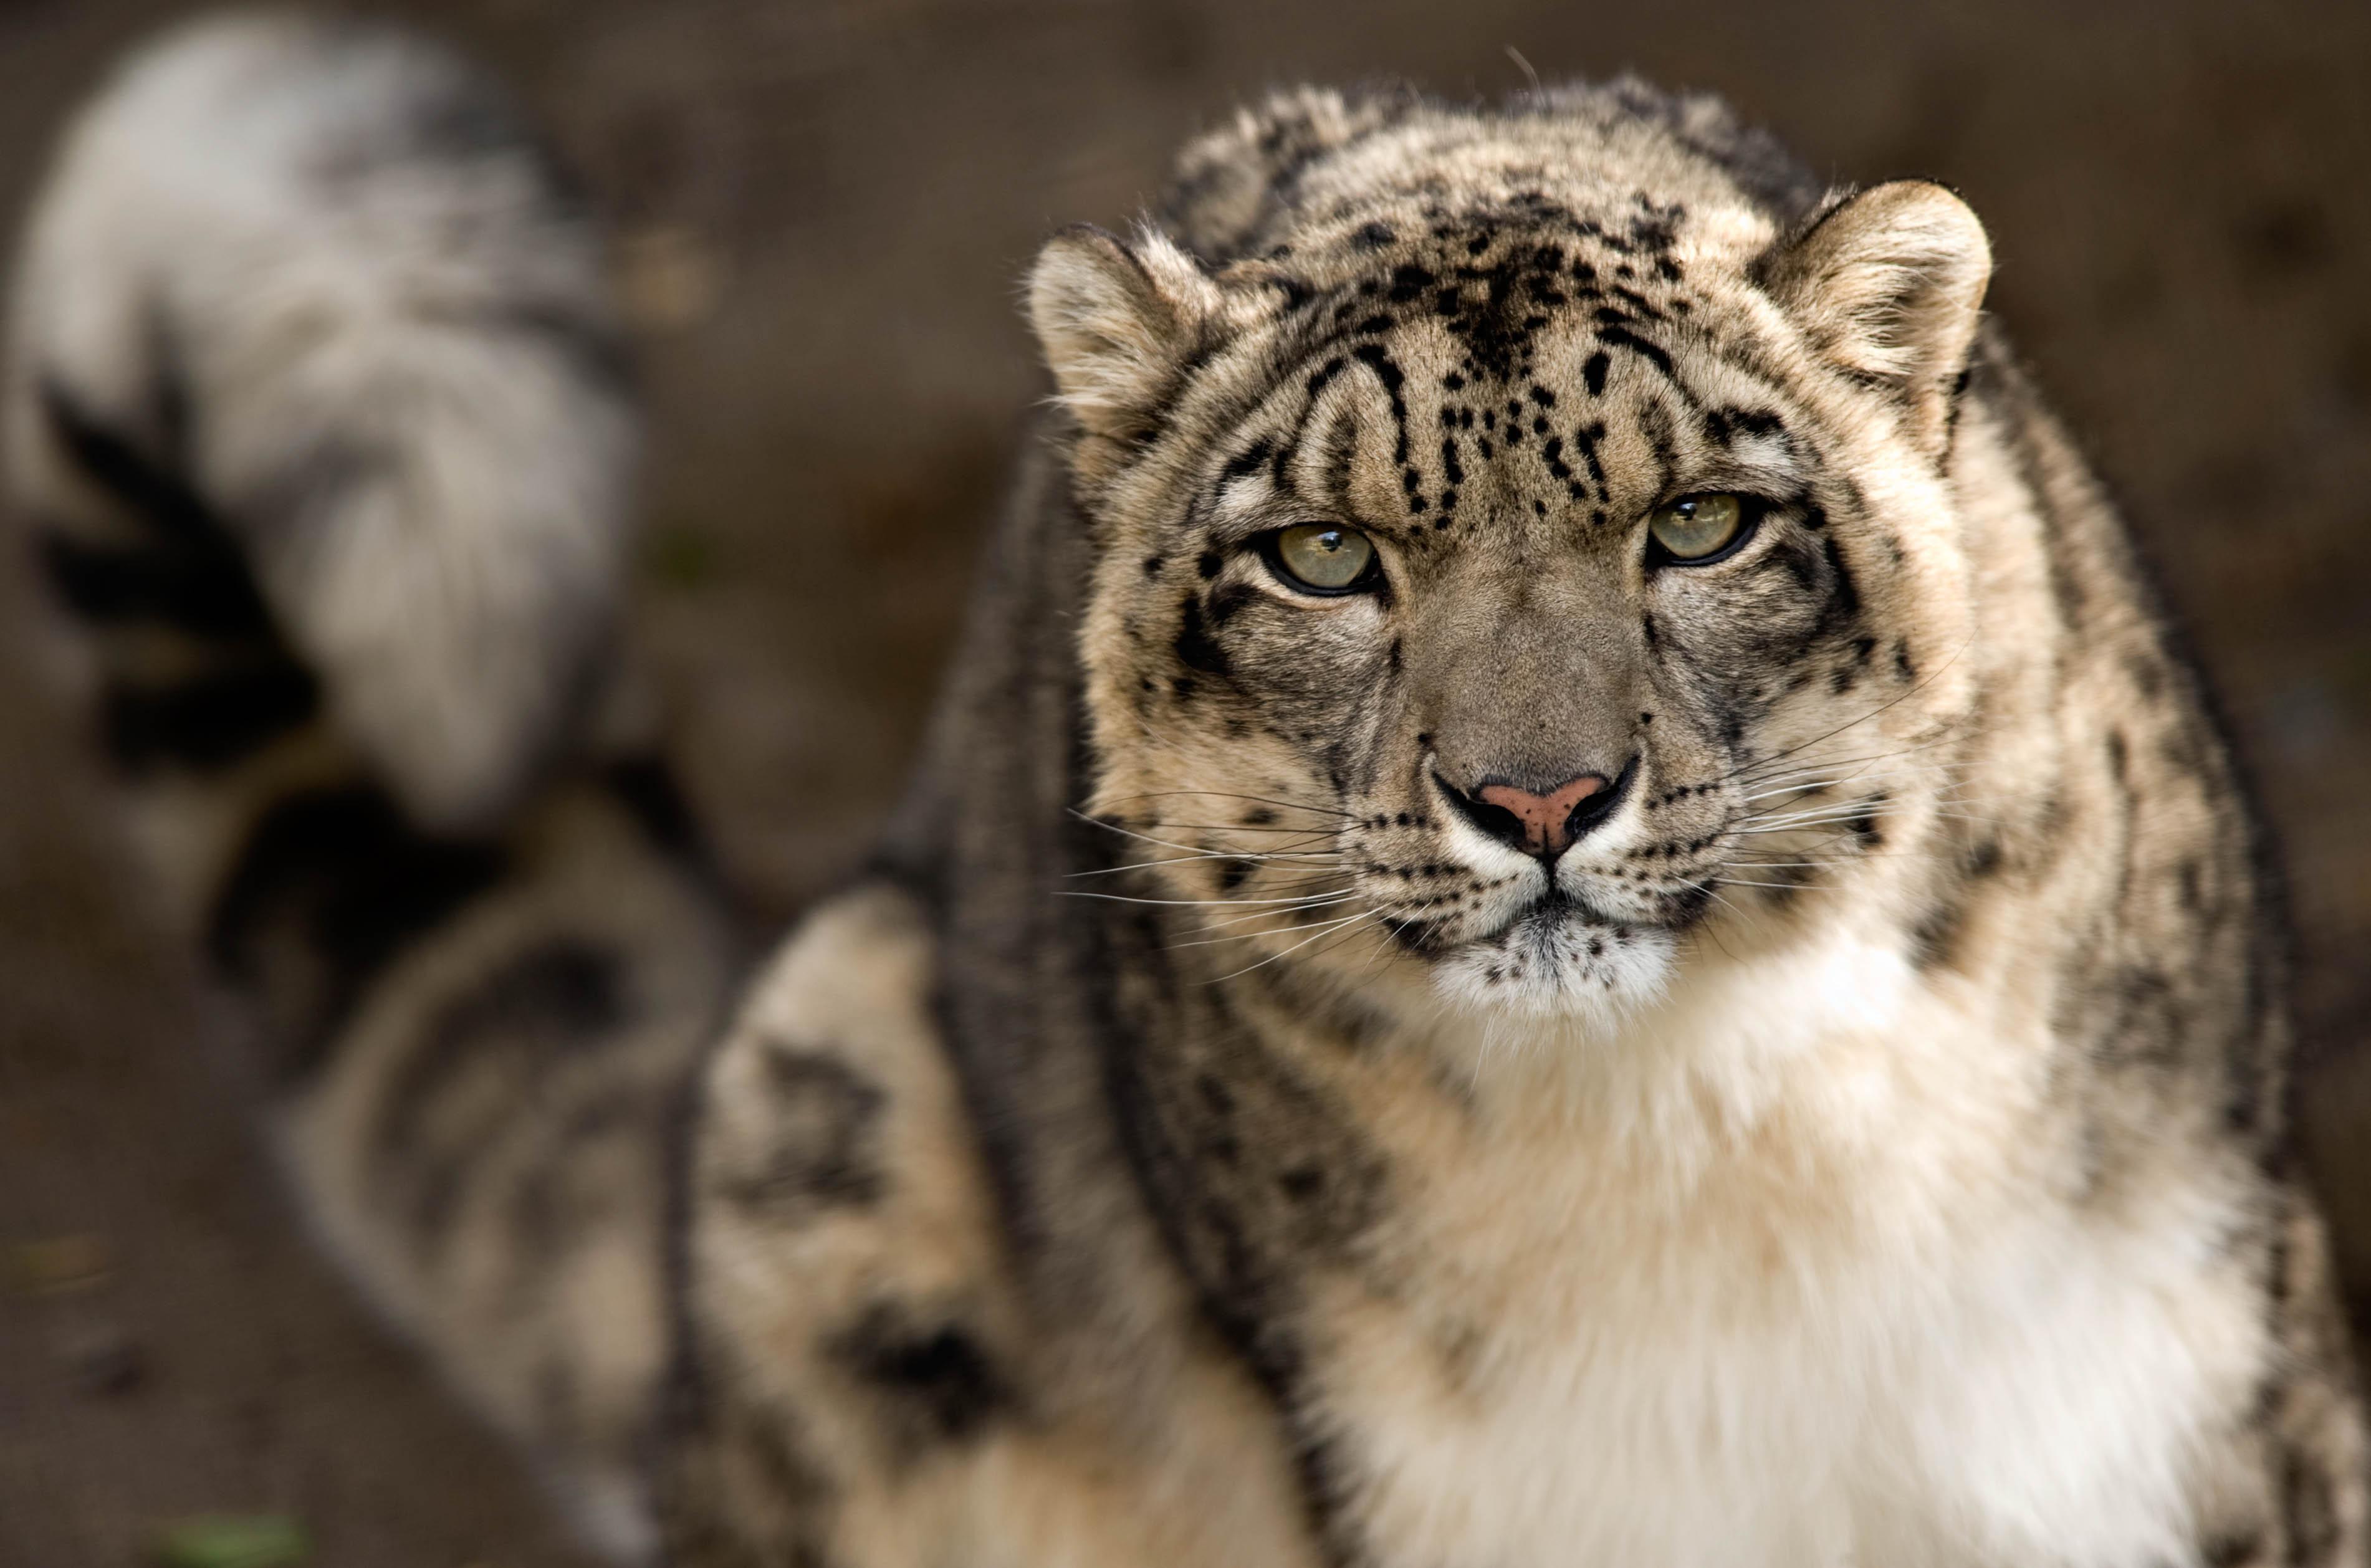 Fondos De Pantalla De Felinos: Fondos De Pantalla Grandes Felinos Leopardo De Las Nieves